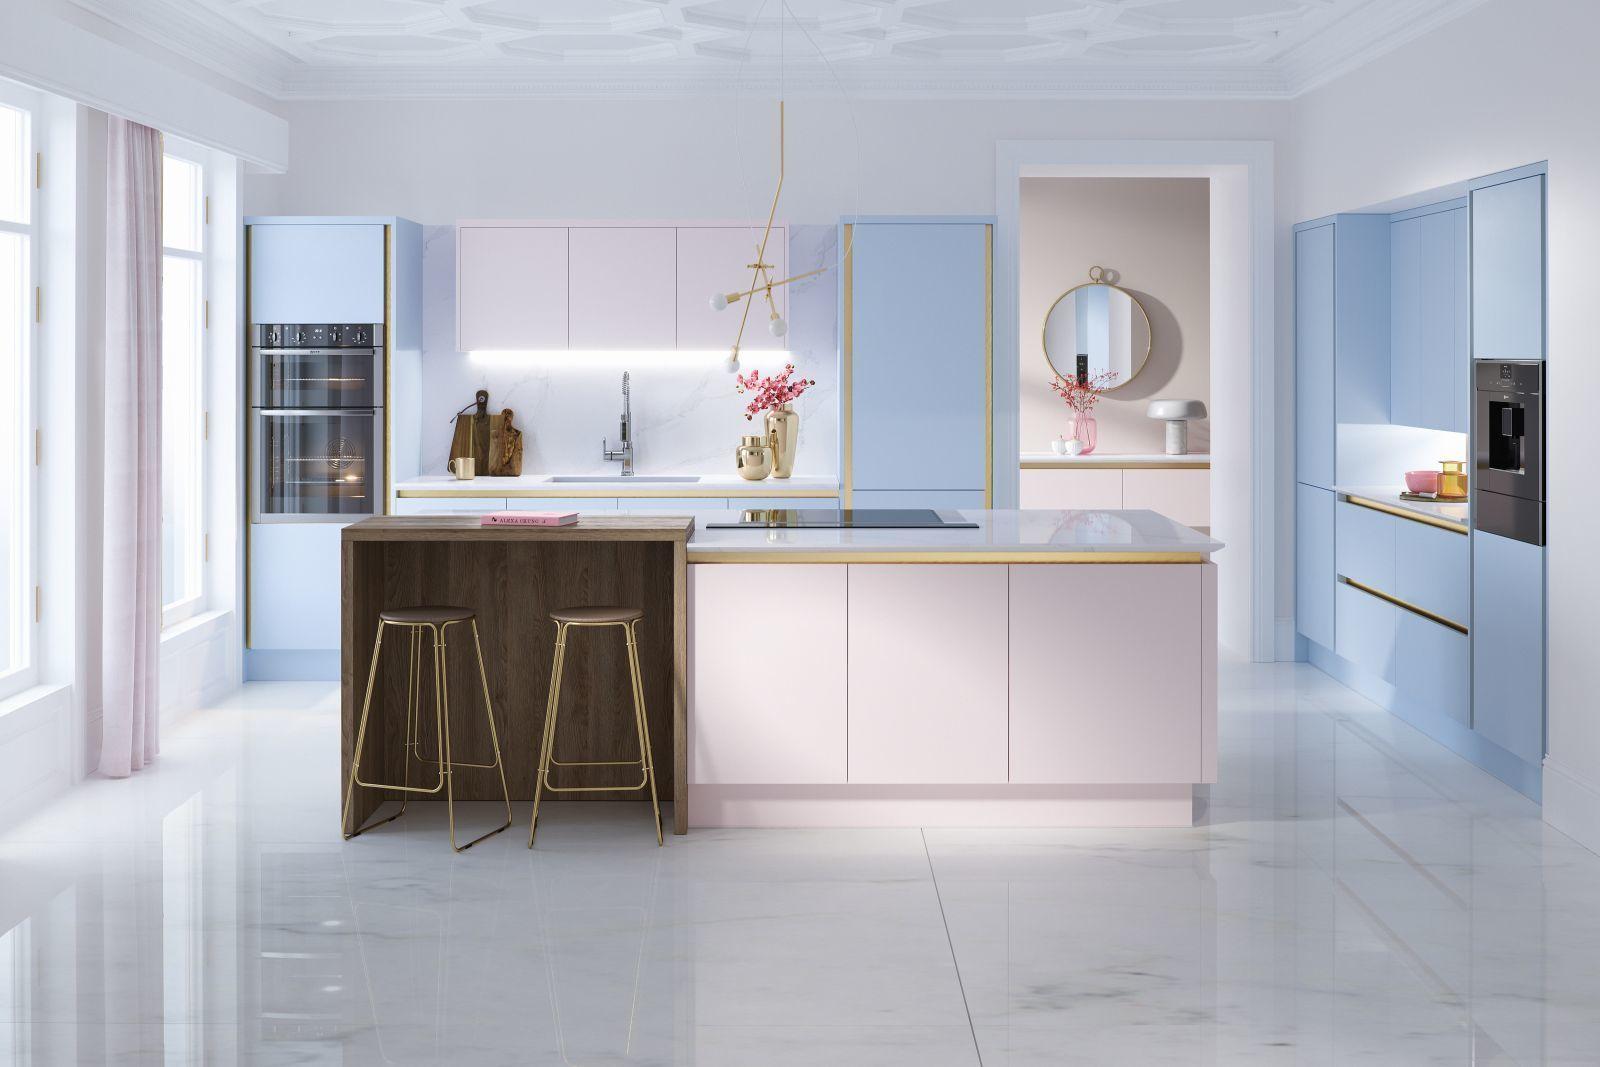 Wren Kitchensu0027 Macaroon Collection   Milano In Rose